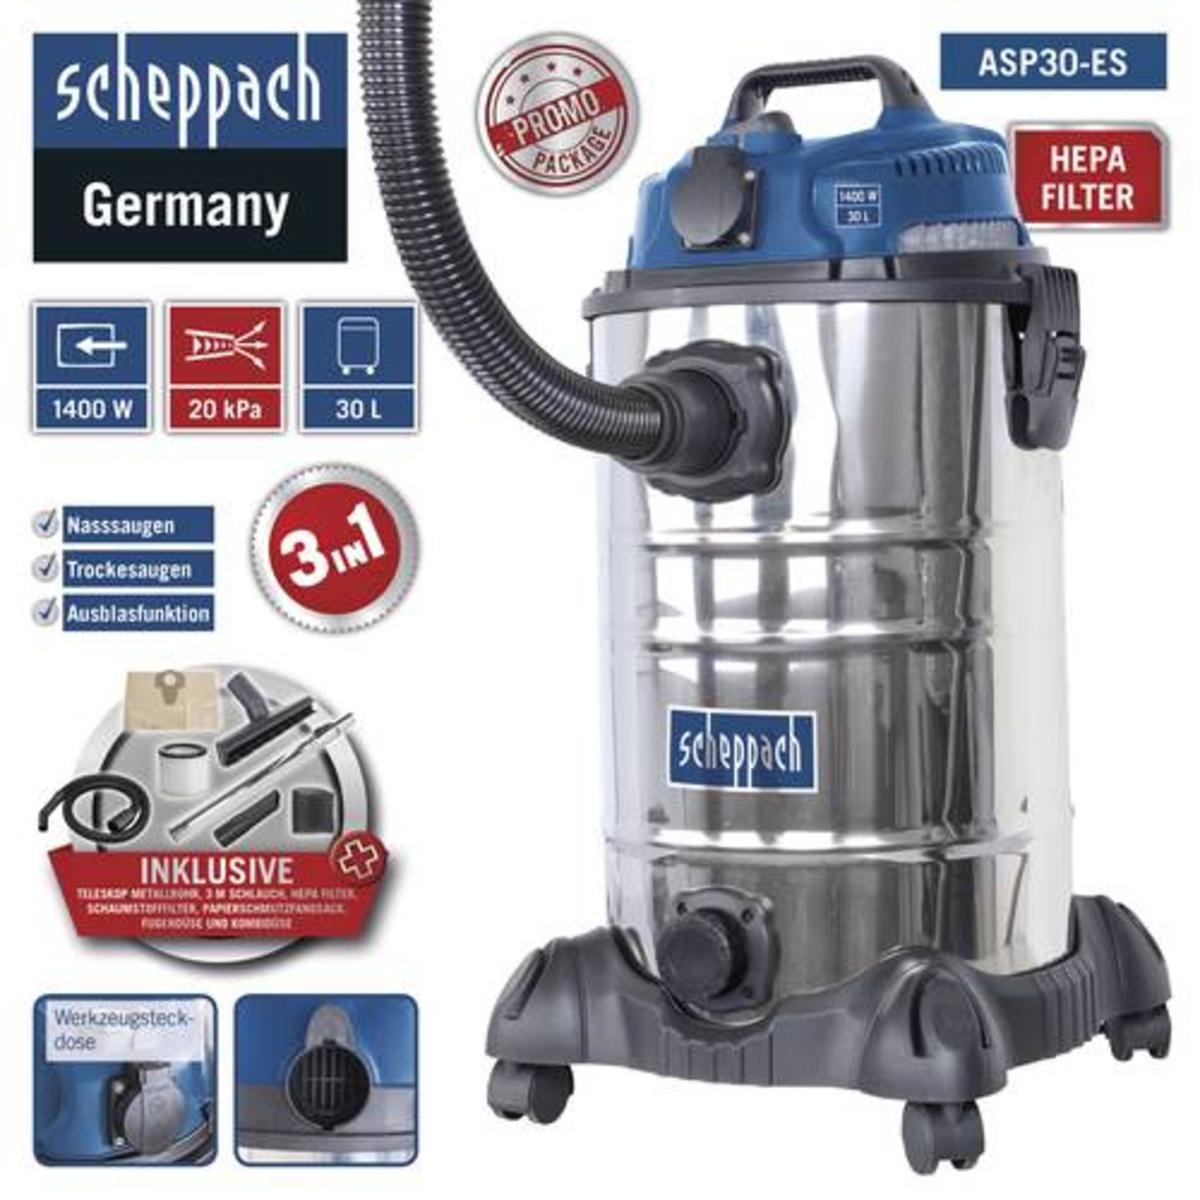 Bild 2 von Scheppach Nass-/ Trockensauger ASP30-ES